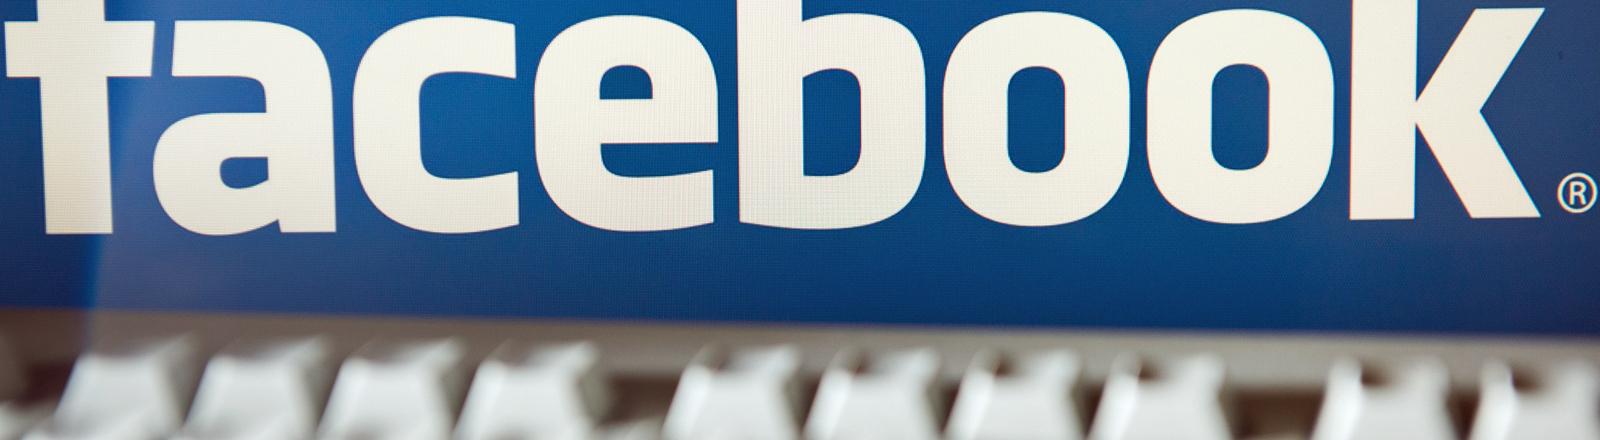 Der Facebook-Schriftzug auf einer Tastatur.